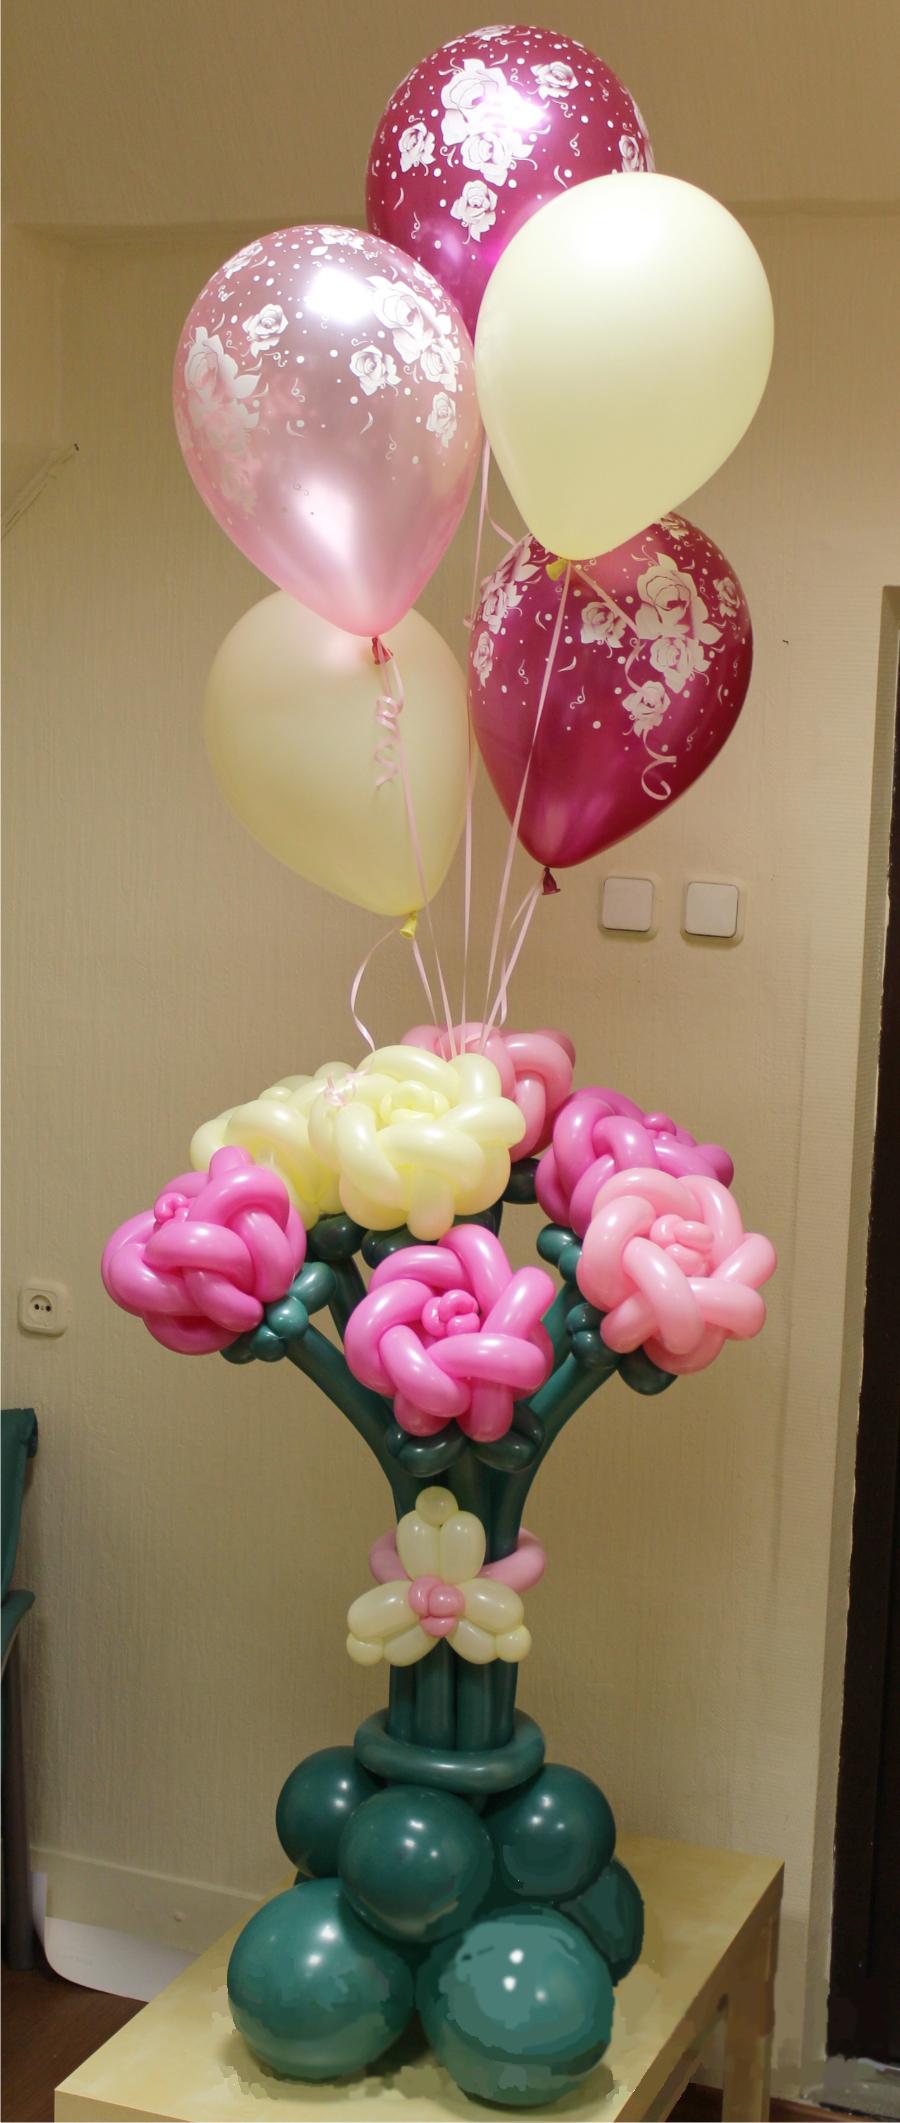 Подарки из воздушных шаров к дню рождения своими руками 40